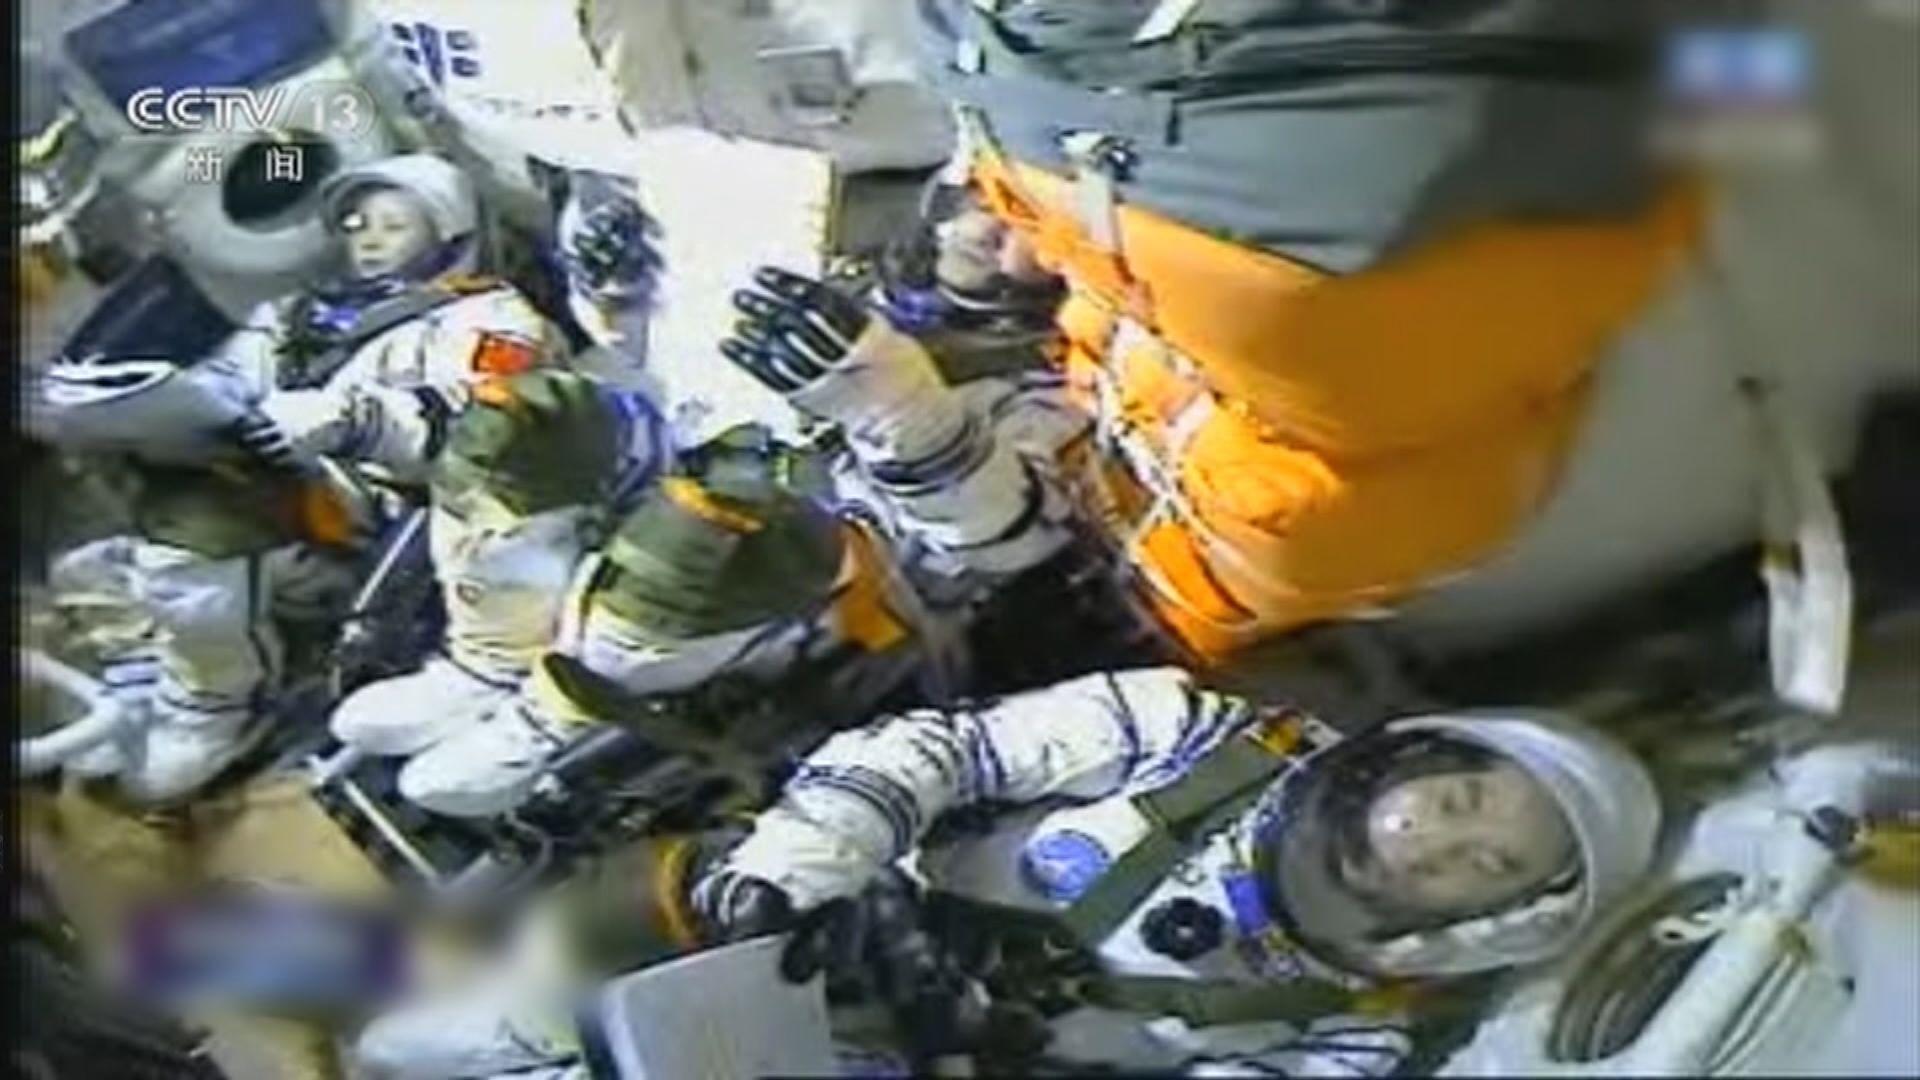 神舟十三號進入預定軌道 翟志剛報告「航天員感覺良好」